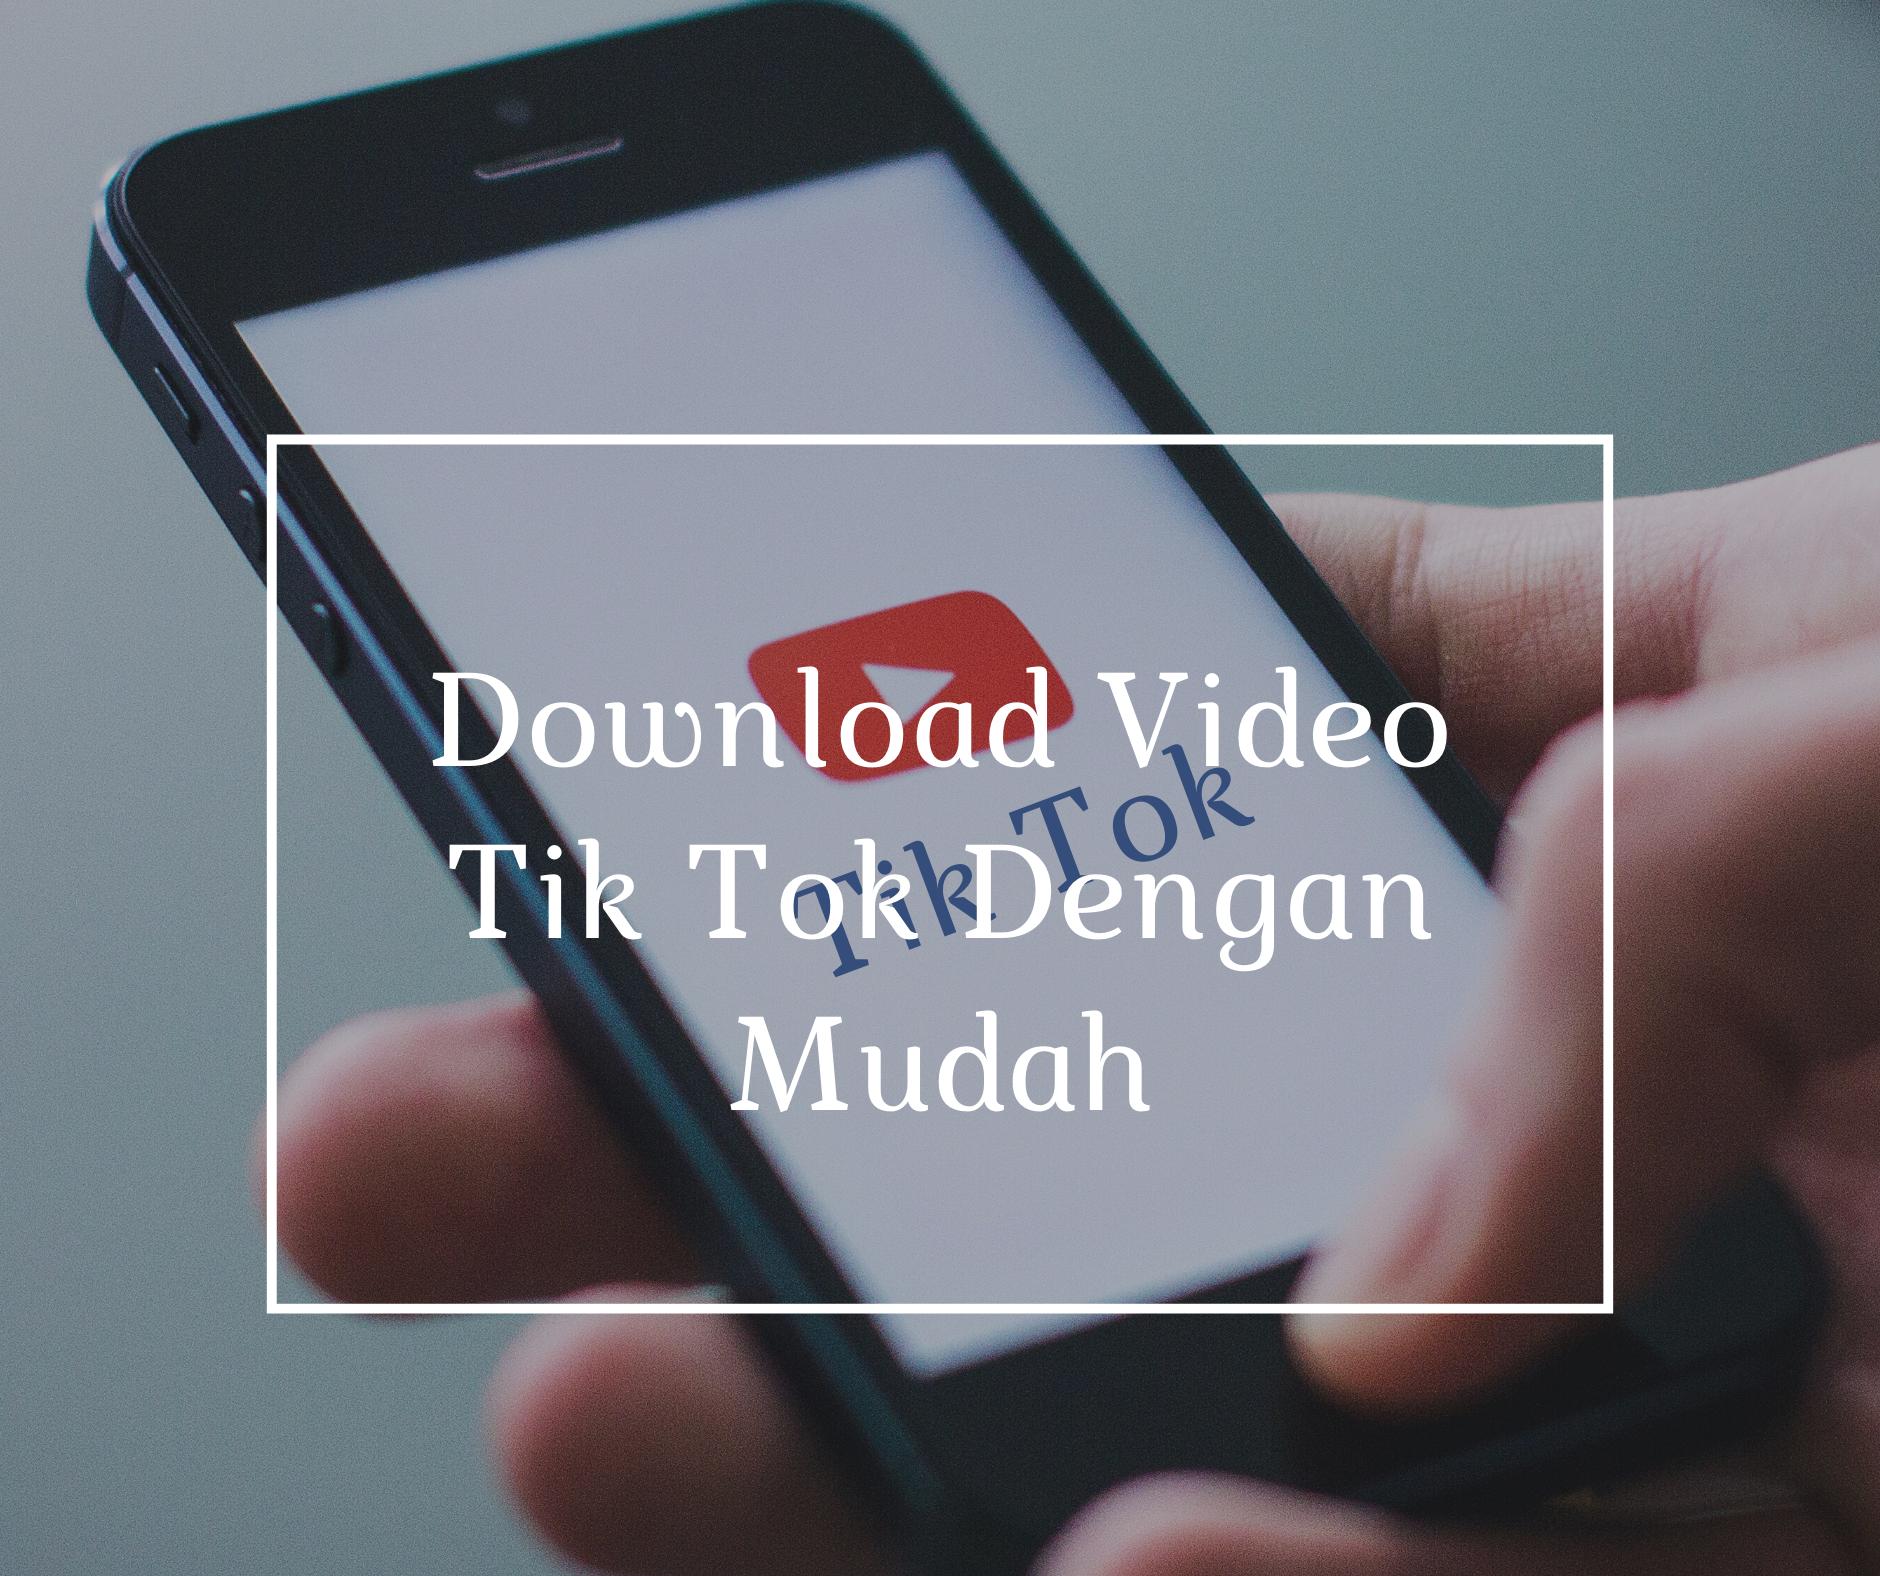 Download Video Tik Tok Dengan Mudah